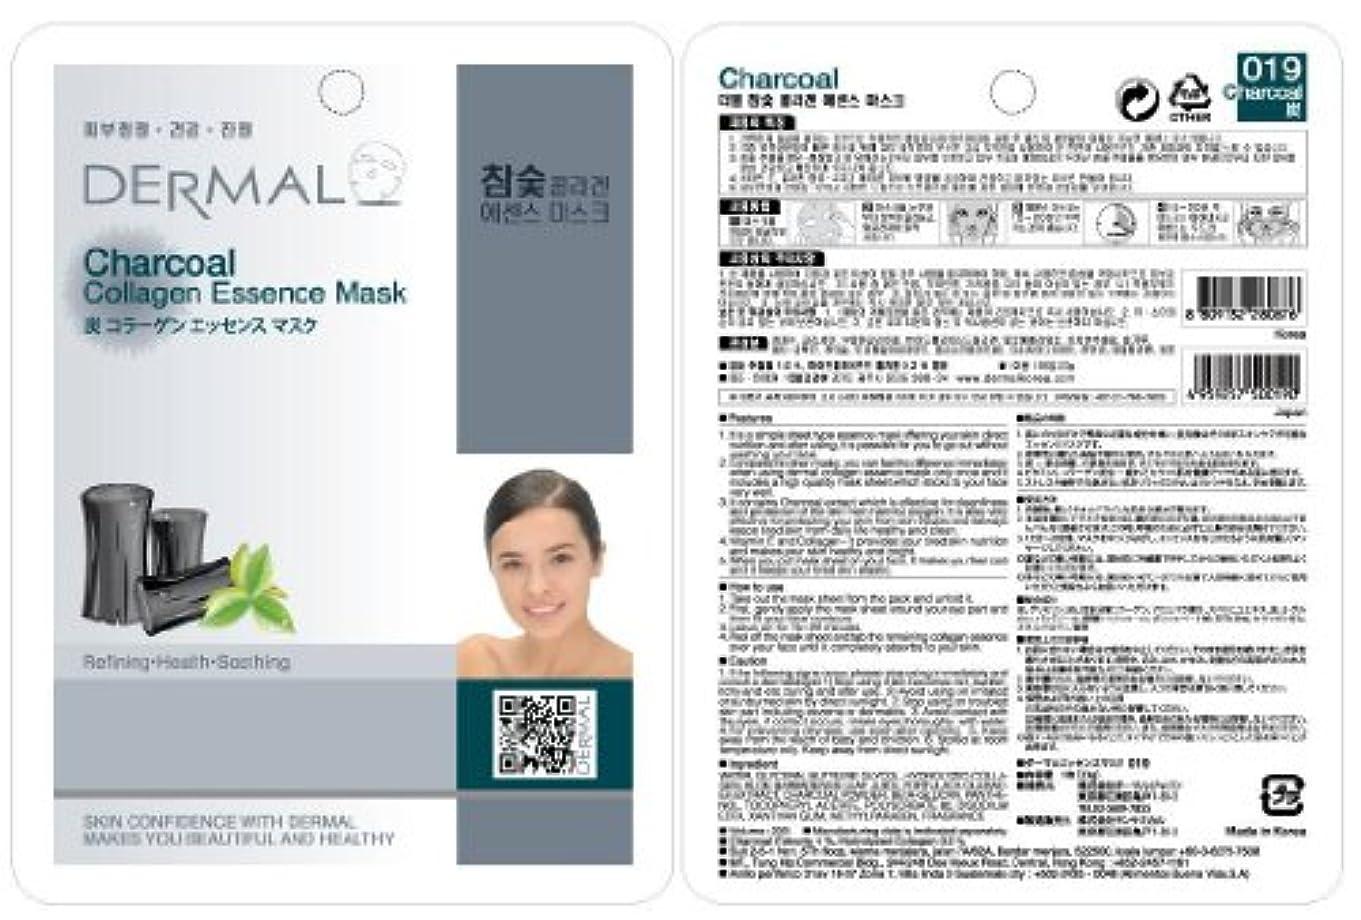 調査ファブリック異邦人ダーマル(DERMAL)炭エッセンスマスク 10枚セット